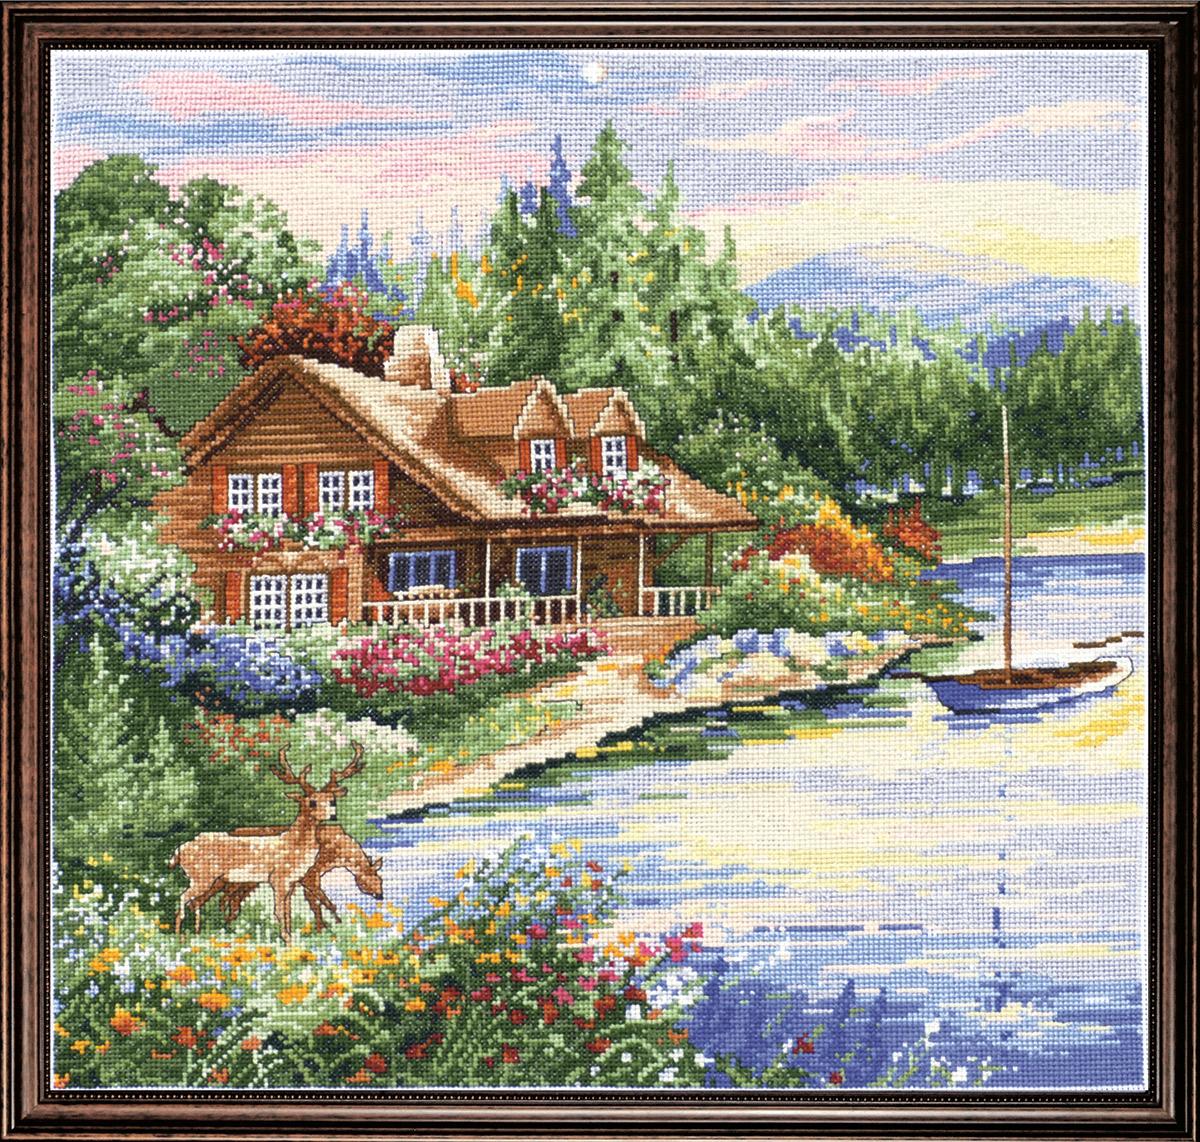 Набор для вышивания крестом Design Works Дом на берегу озера, 38 х 38 см2767По картине Джима Митчелла Коттедж Олений Залив (Deer Creek Cabin, Jim Mitchell)